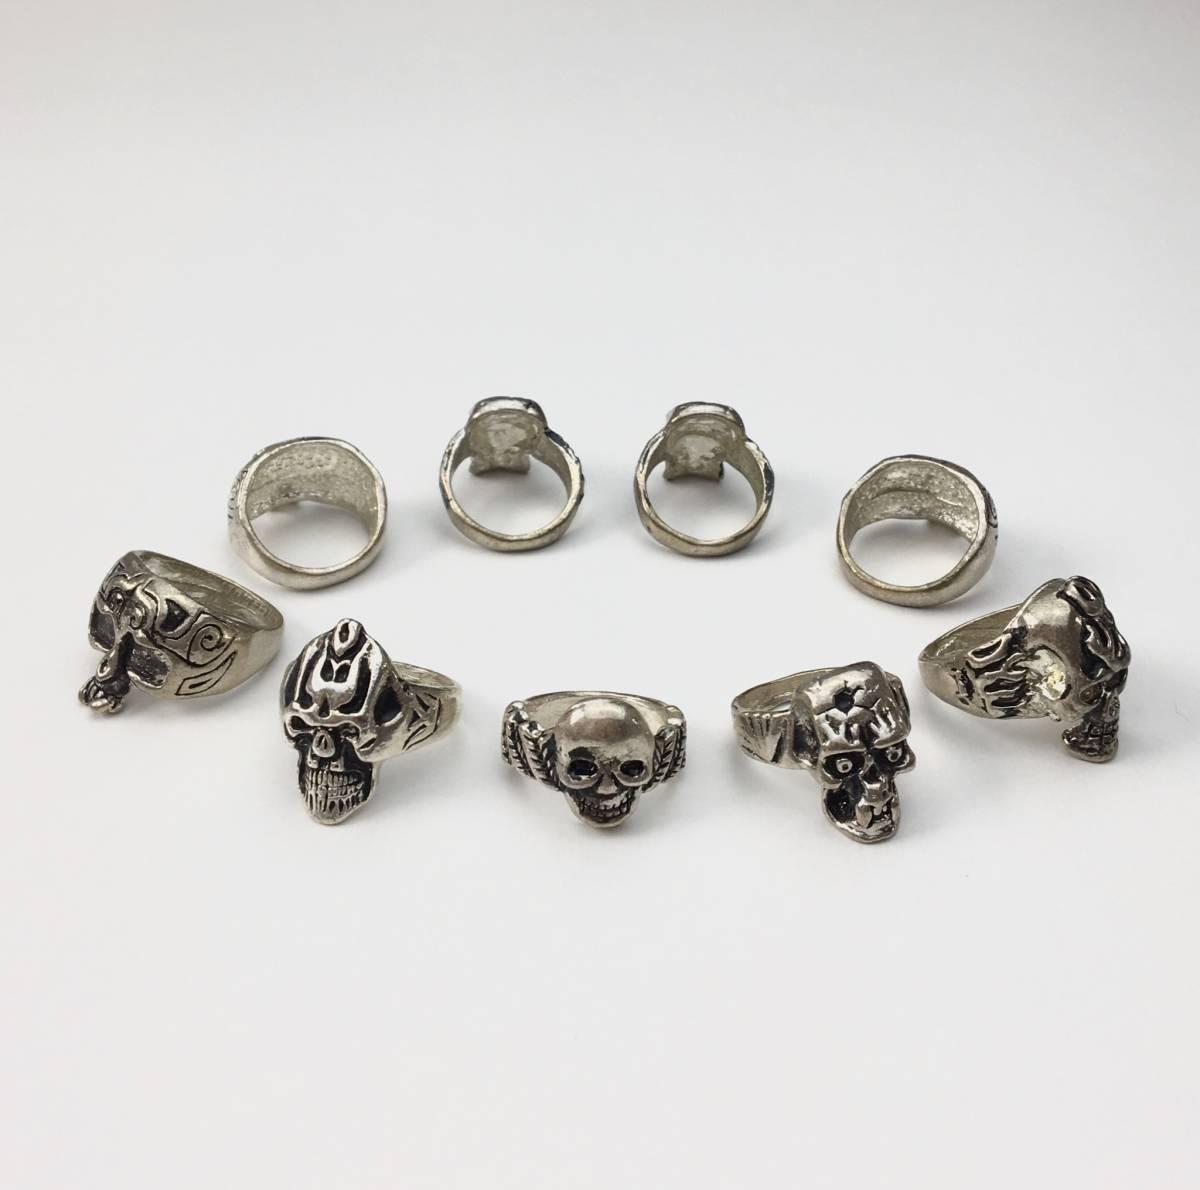 スカル リング 指輪 髑髏 ドクロ 骸骨 ガイコツ SKULL シルバーアクセサリー アンティーク アメリカ USA 雑貨 ヴィンテージ vintage 8_他のスカルリングも出品中です。